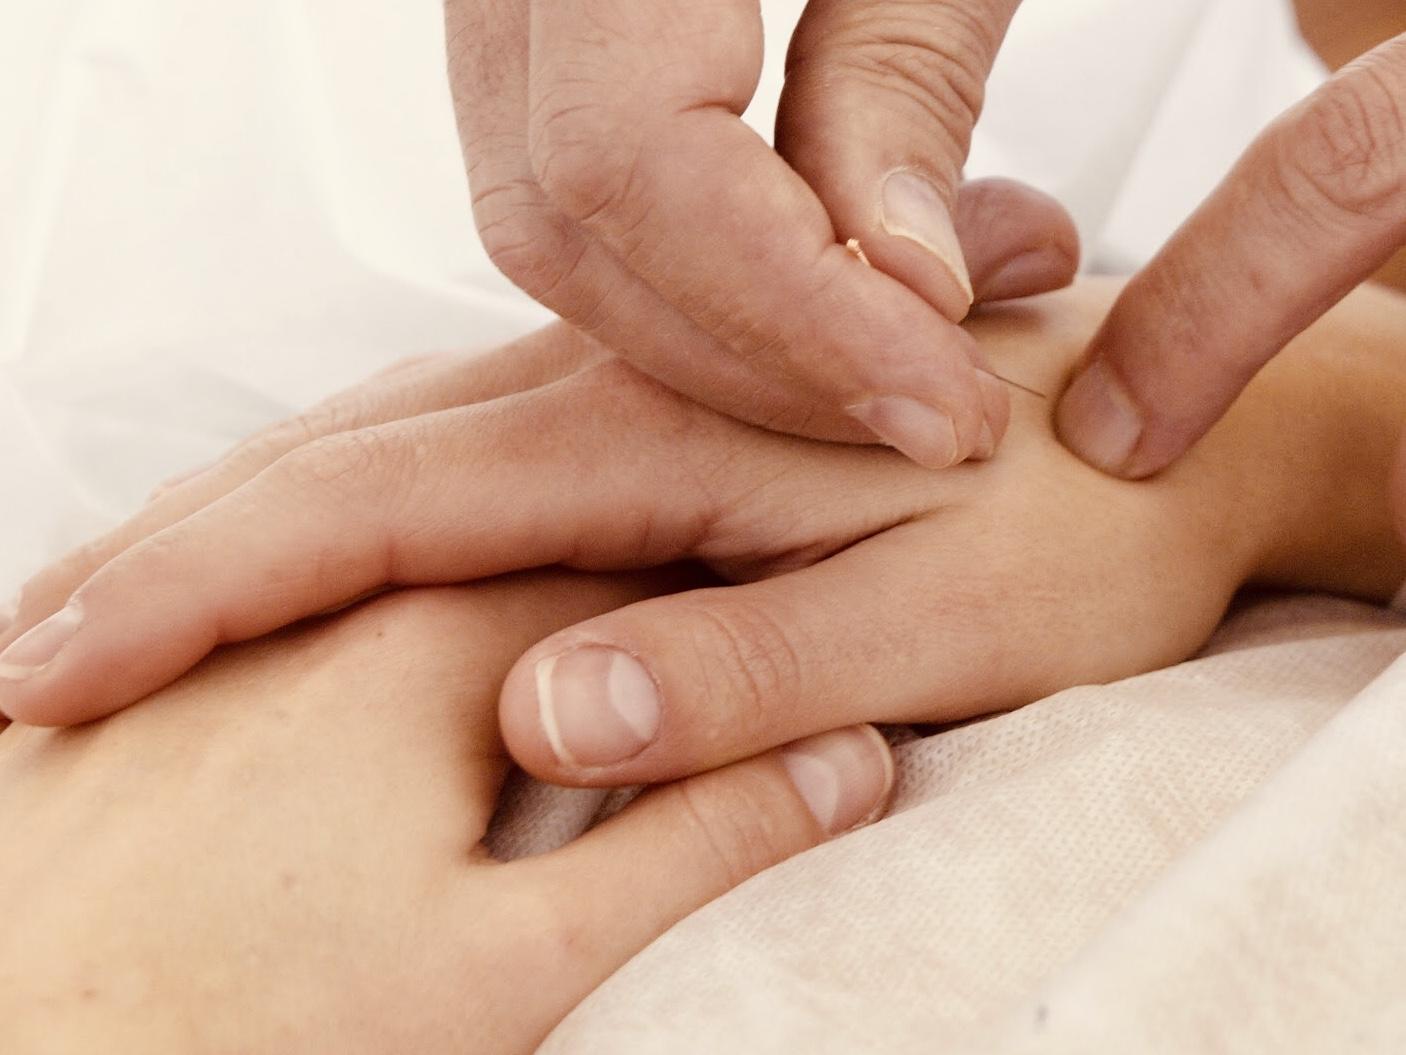 agulha de acupunctura na mão de uma paciente